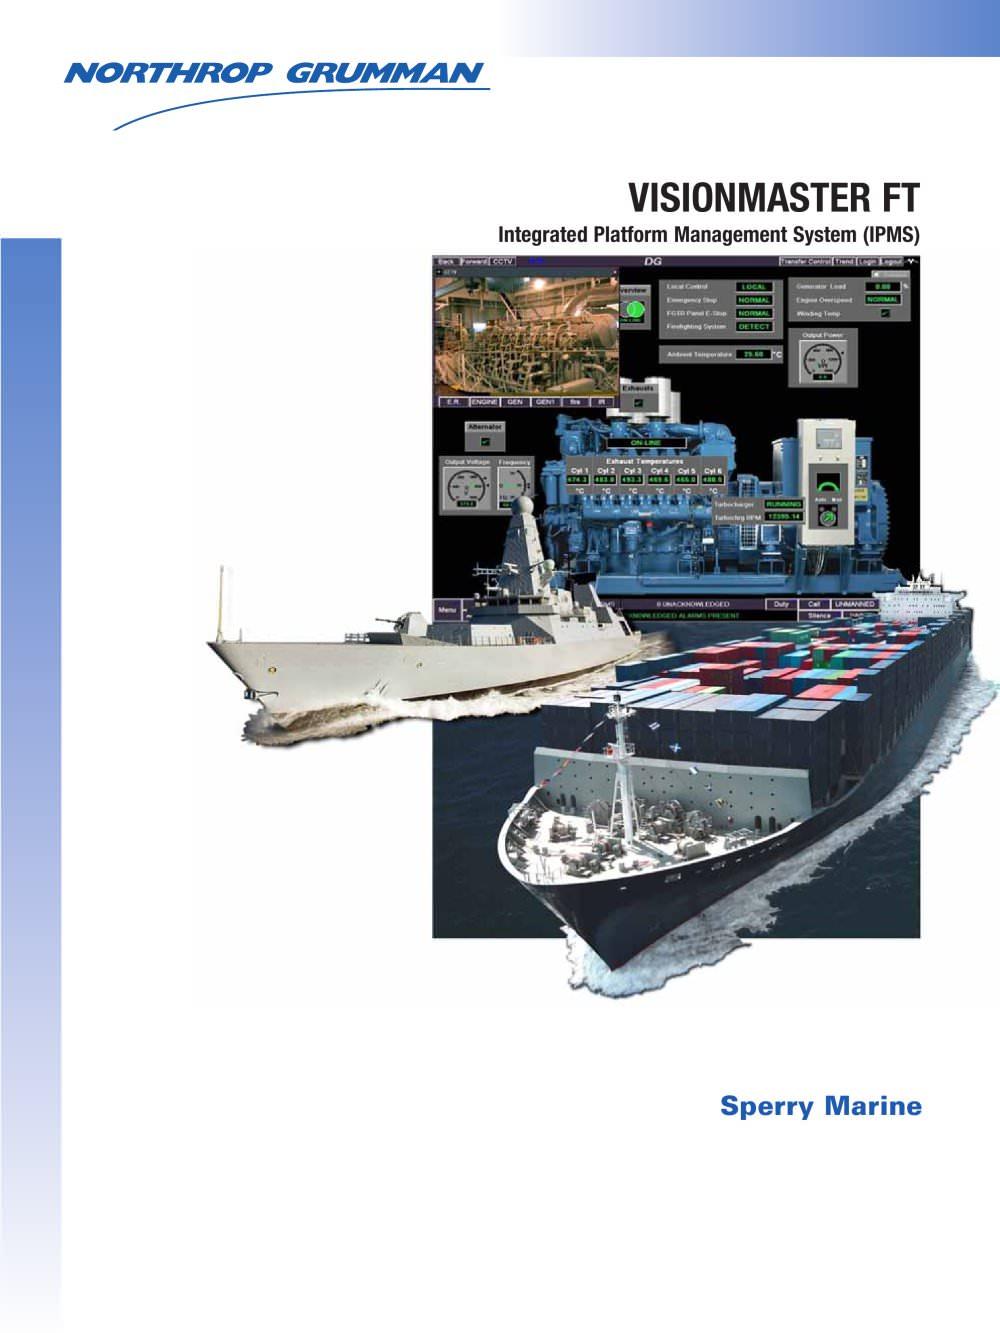 Visionmaster ft radar manual.